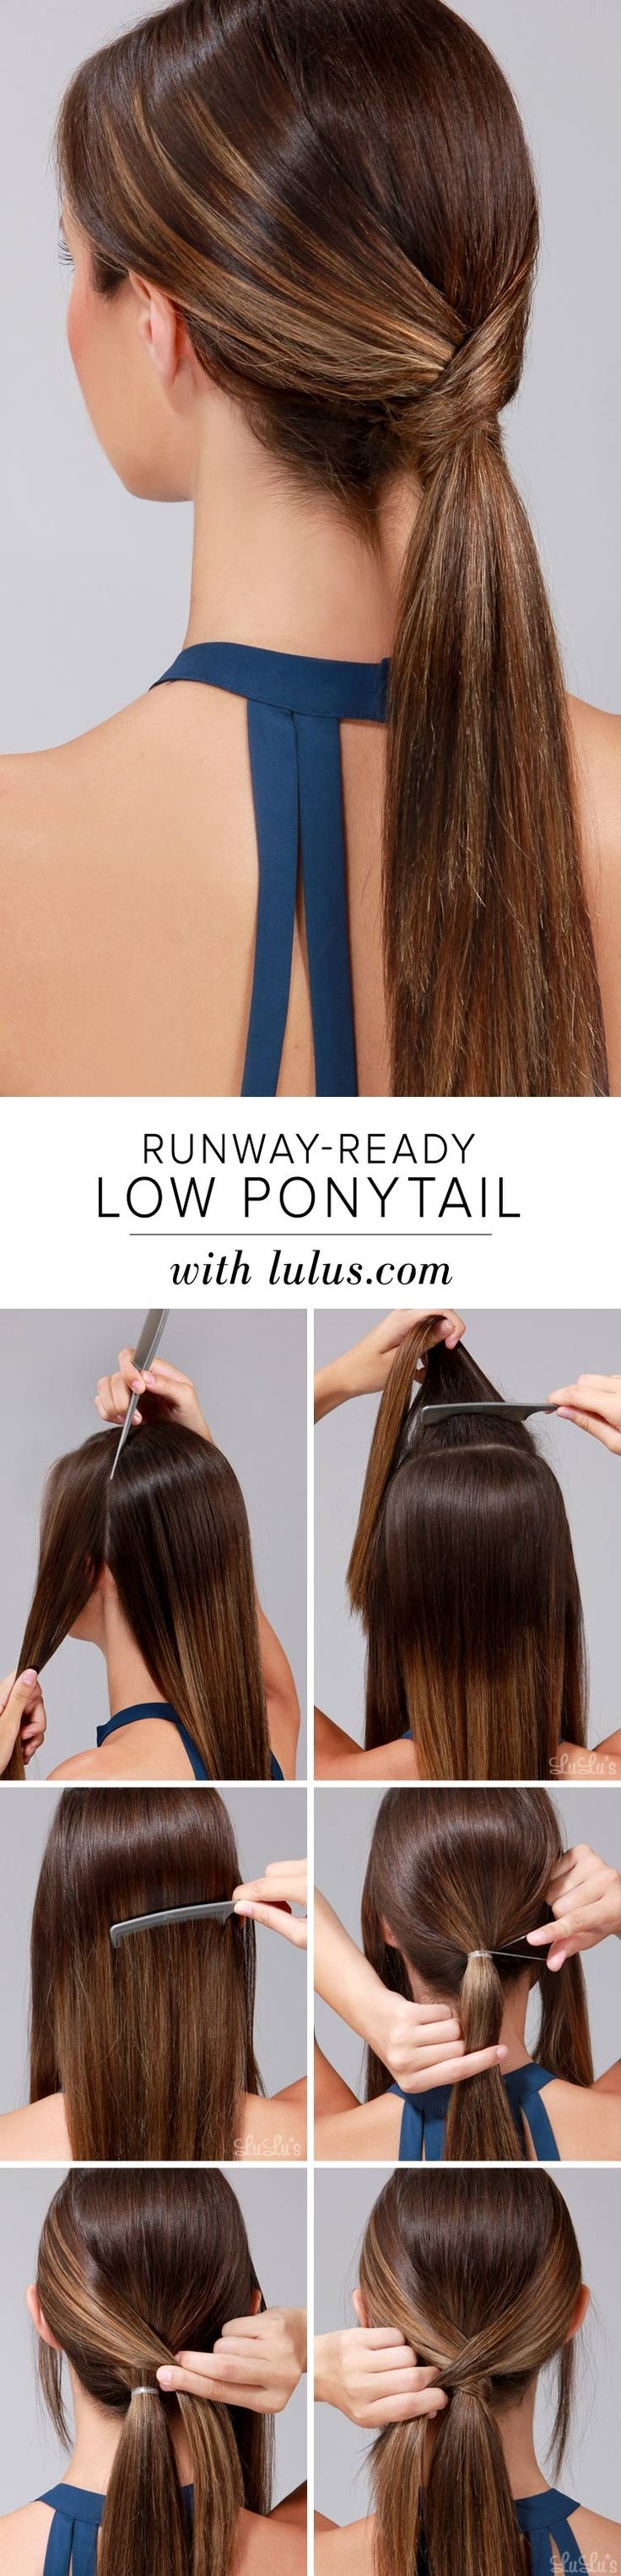 modèle-de-coiffure-pour-aller-au-travail-2